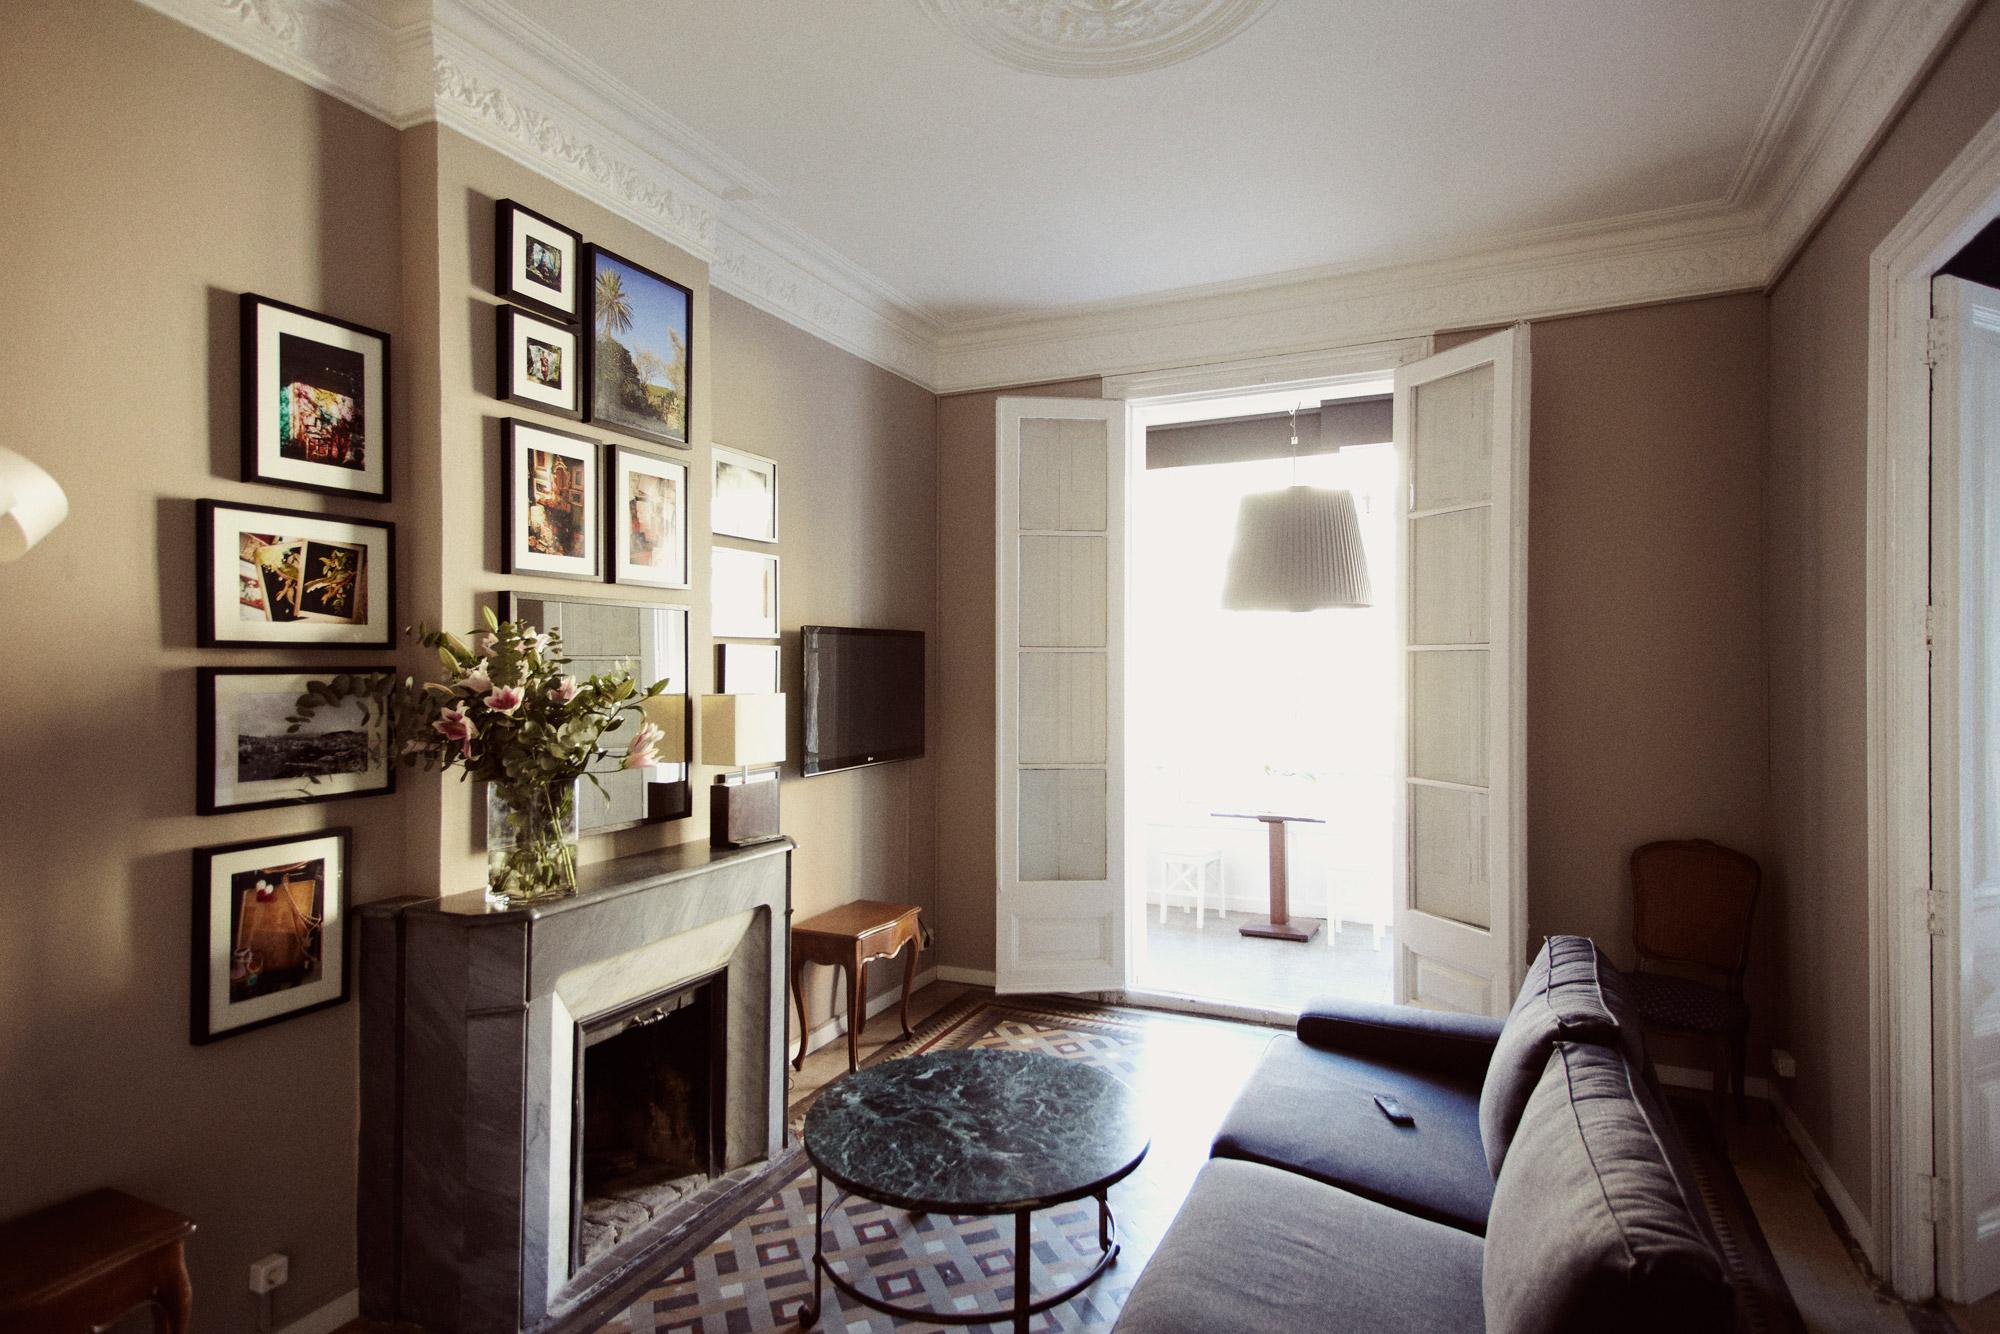 Salon de chambre d'hôtel comportant une cheminée surmontée de cadres décoratifs avec canapé et table basse en marbre.